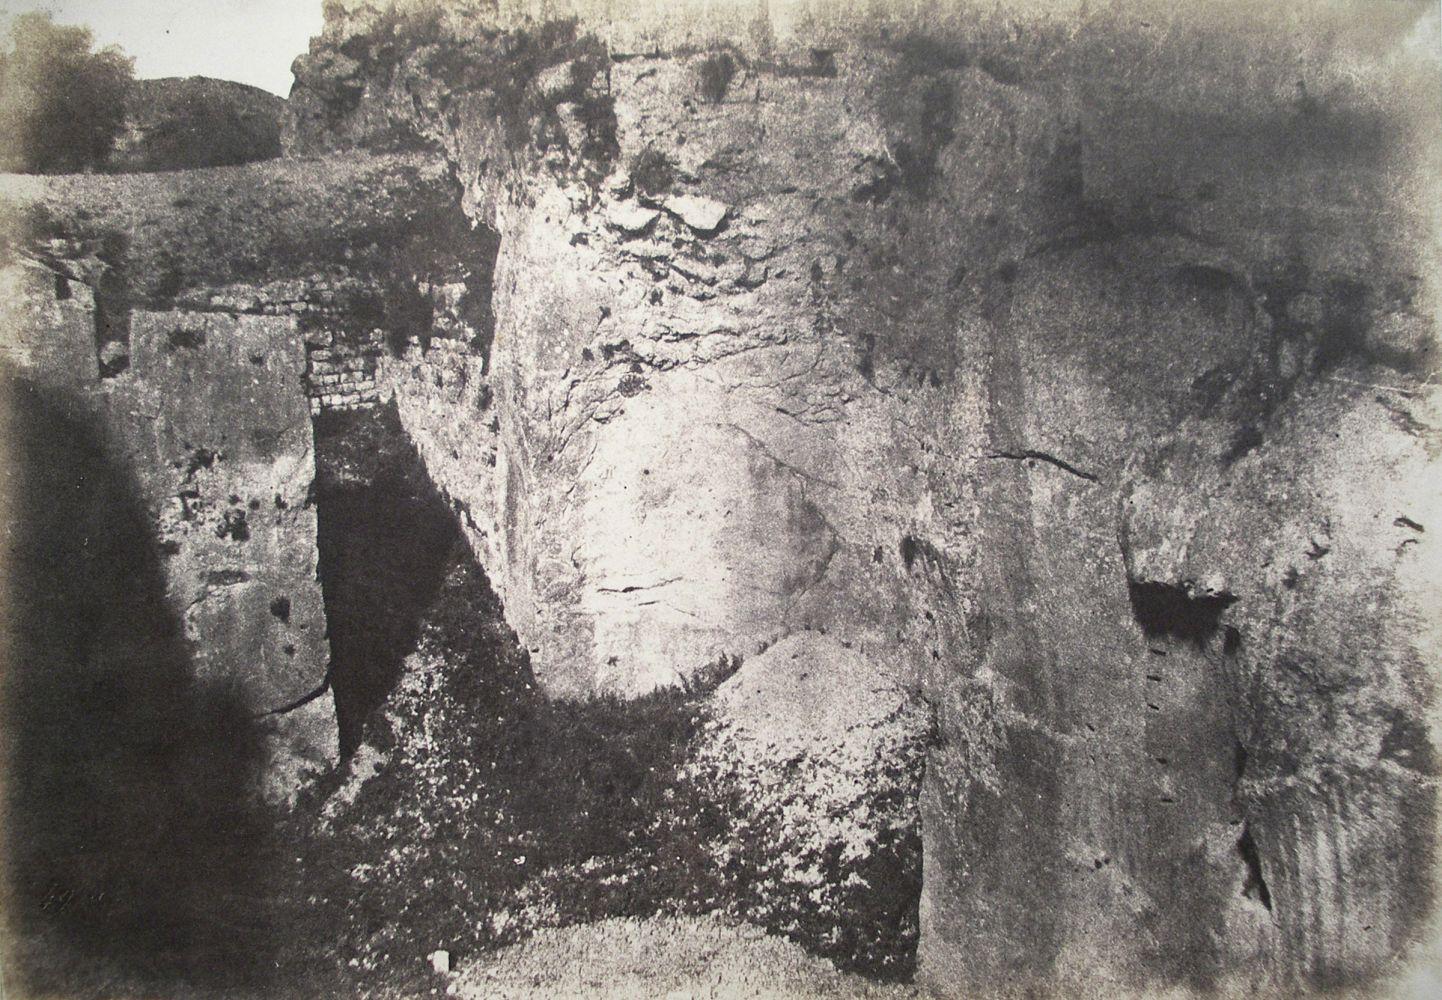 """Auguste SALZMANN (French, 1824-1872) """"Carriere a la Porte de Damas, Jerusalem"""", 1854 / 1856 Blanquart-Evrard process salt print from a paper negative 23.4 x 33.7 cm mounted on 41.1 x 58.5 cm paper Title and """"Aug. Salzmann"""" with """"Gide et J. Baudry, editeurs. / Imp. Photogr. de Blanquart-Evrard, a Lille"""" lithographed on mount"""